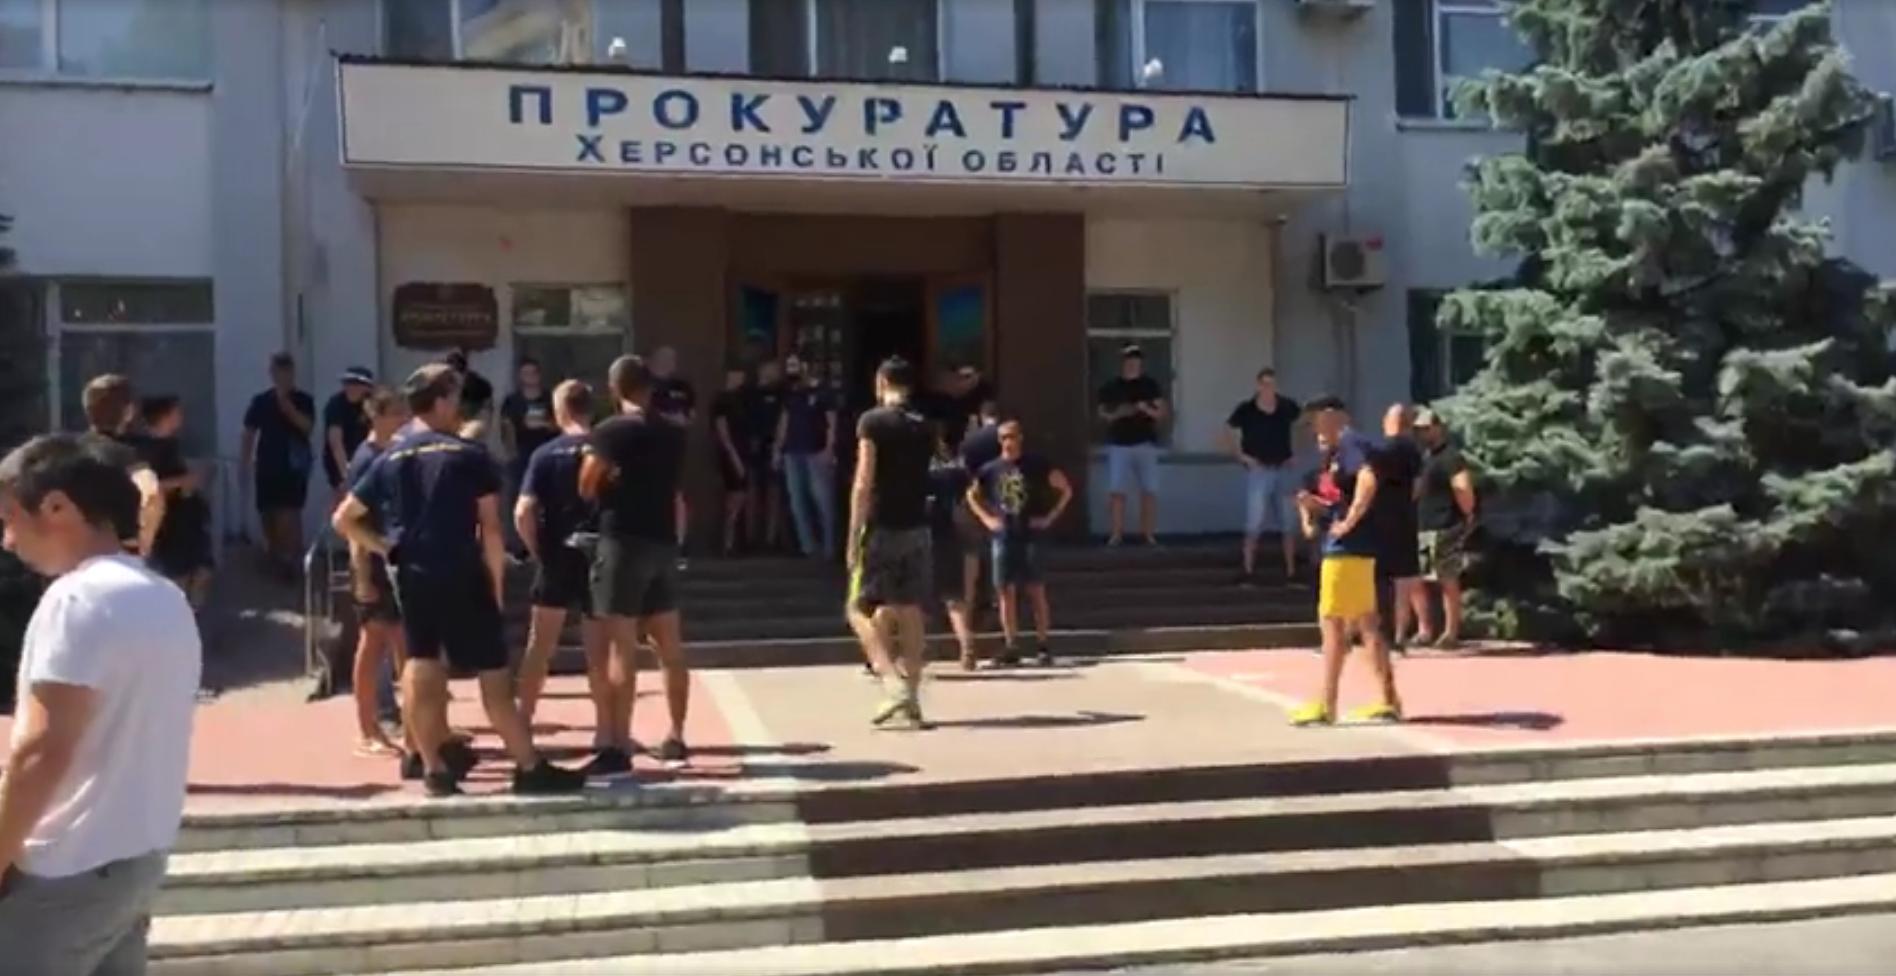 В Херсоне Нацкорпус разгромил здание облпрокуратуры (ВИДЕО)